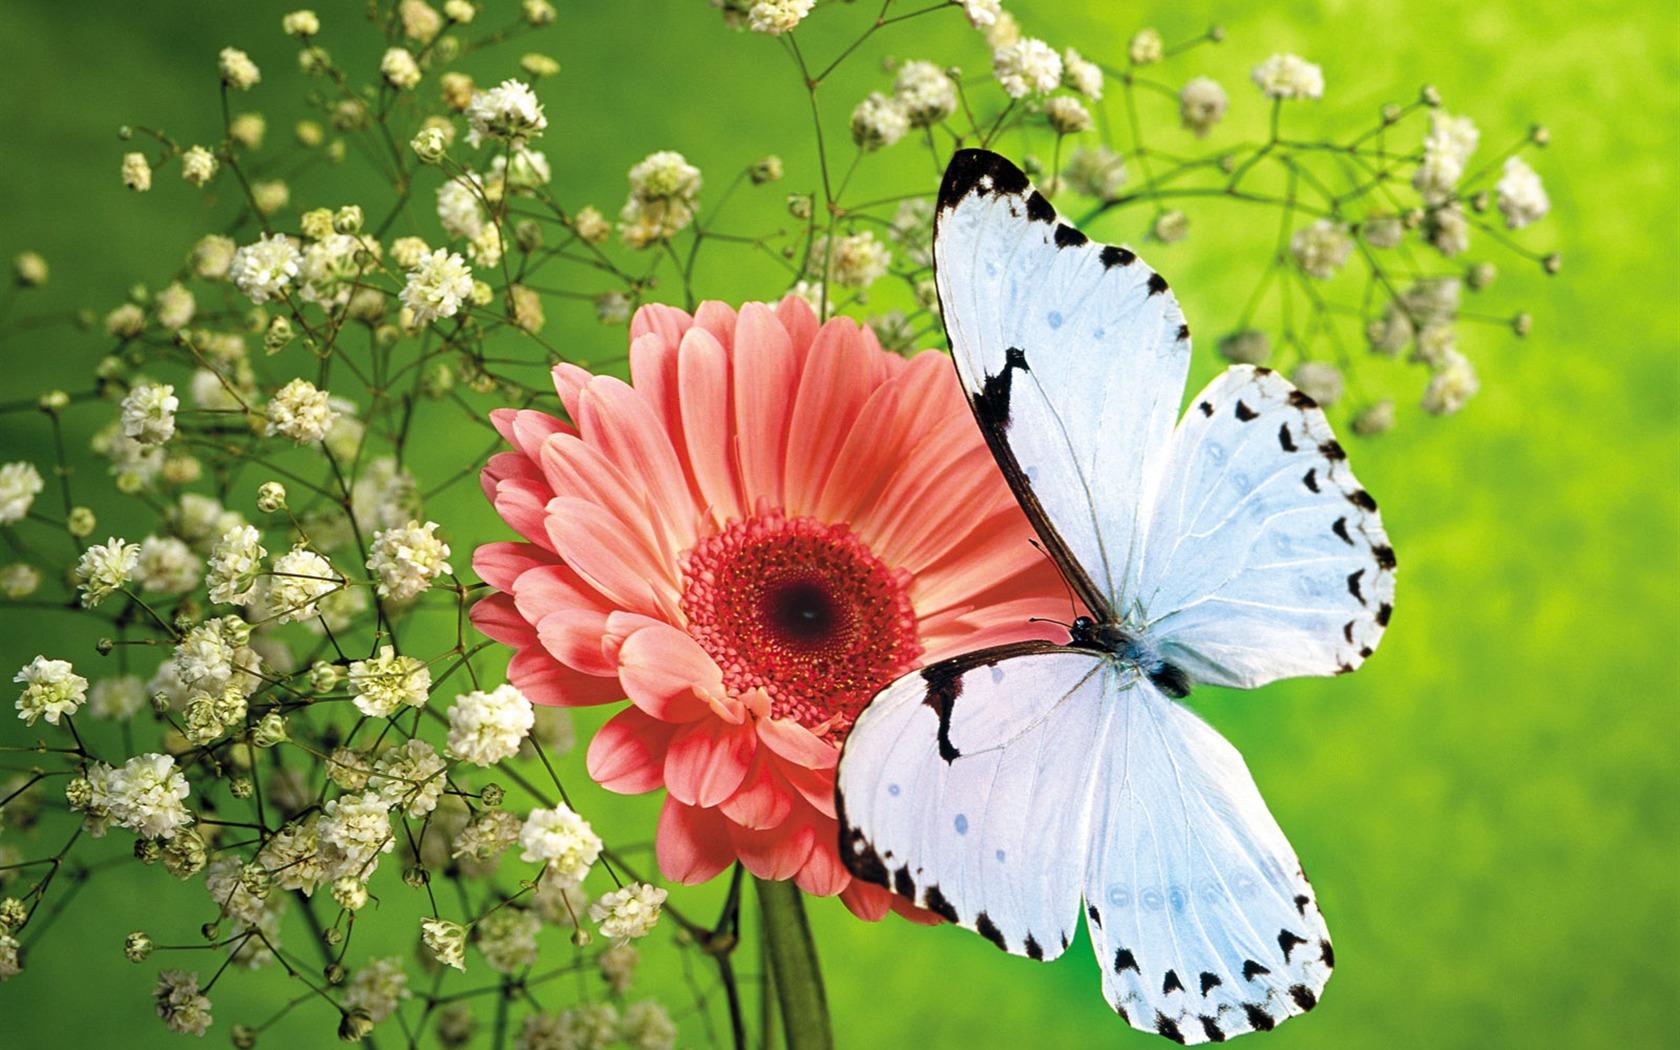 Schmetterlinge Und Blumen Wallpaper Album 1 8 1680x1050